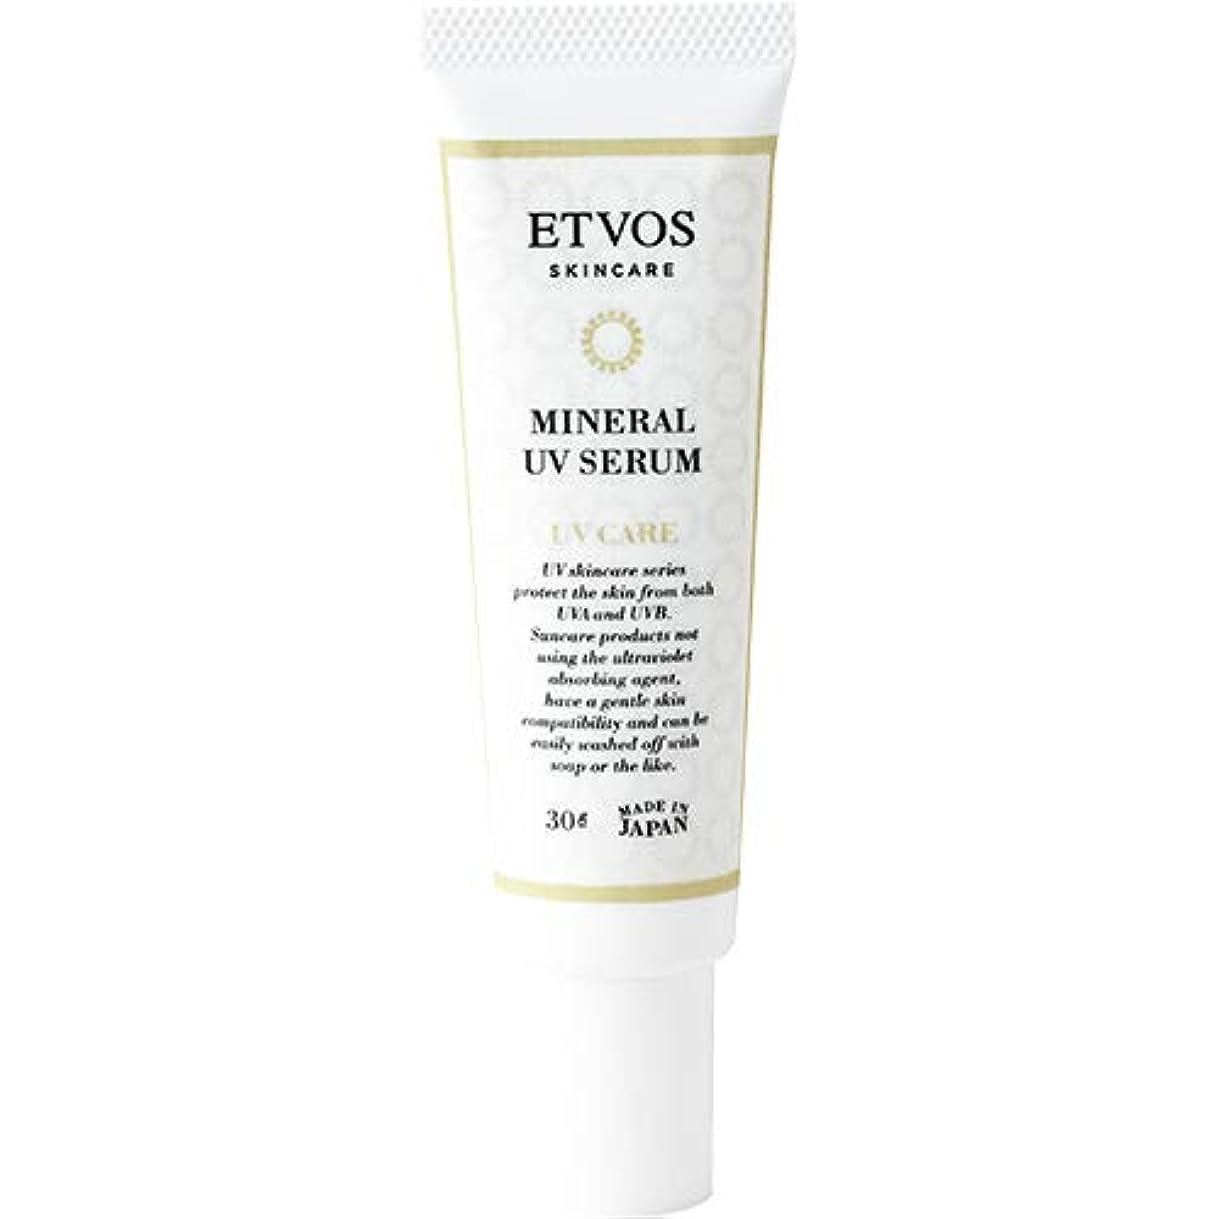 モッキンバードタイル区別するETVOS(エトヴォス) 日焼け止め美容液 ミネラルUVセラム SPF35/PA+++ 30g 化粧下地 紫外線吸収剤不使用